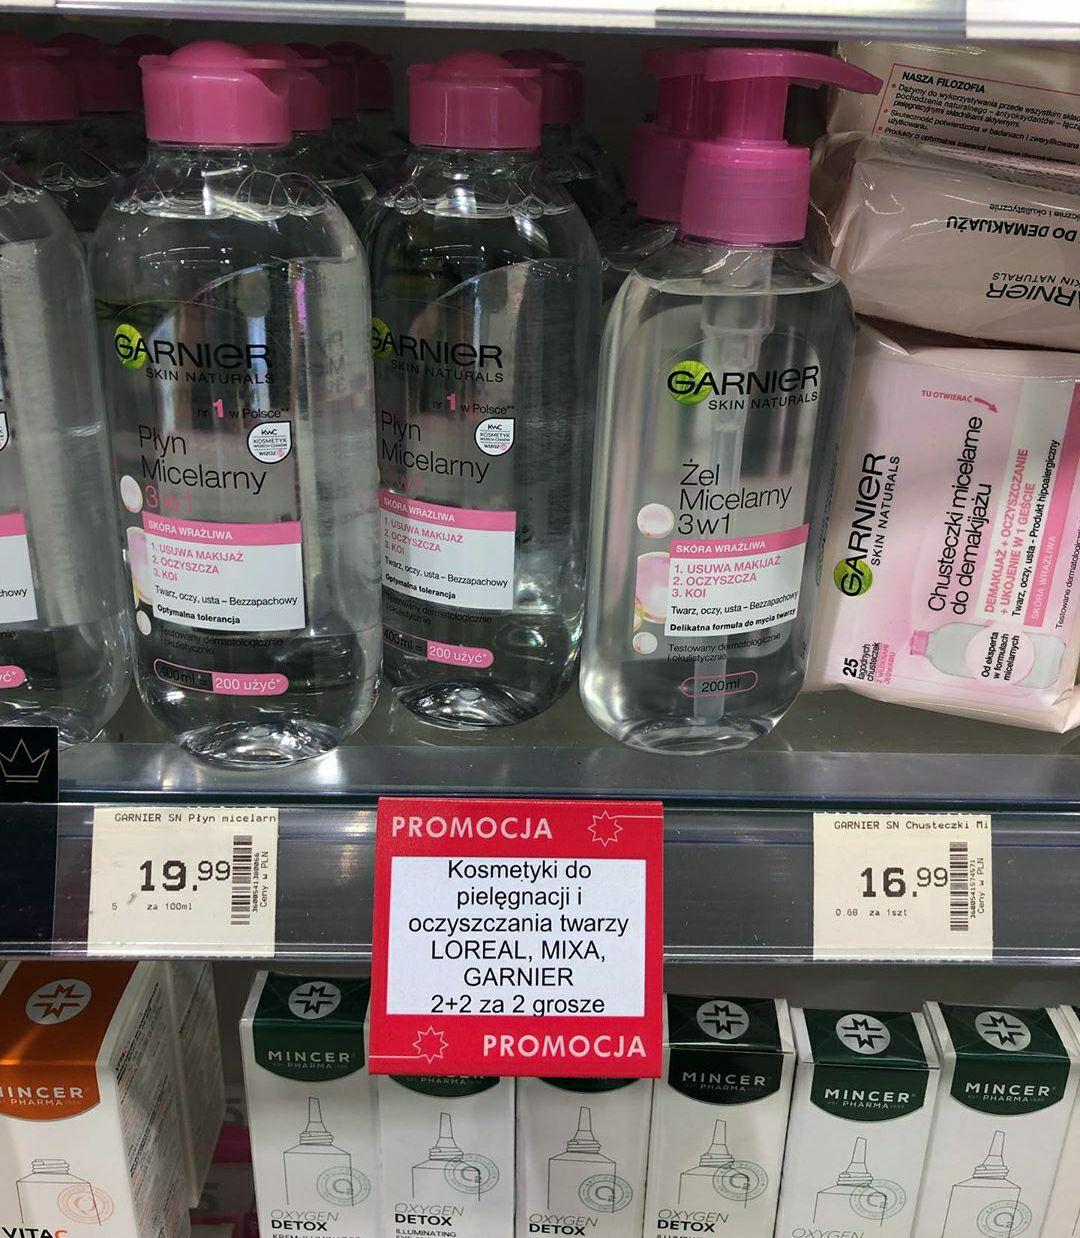 Kosmetyki do pielęgnacji i oczyszczania twarzy 2+2 za 2 grosze Super-Pharm